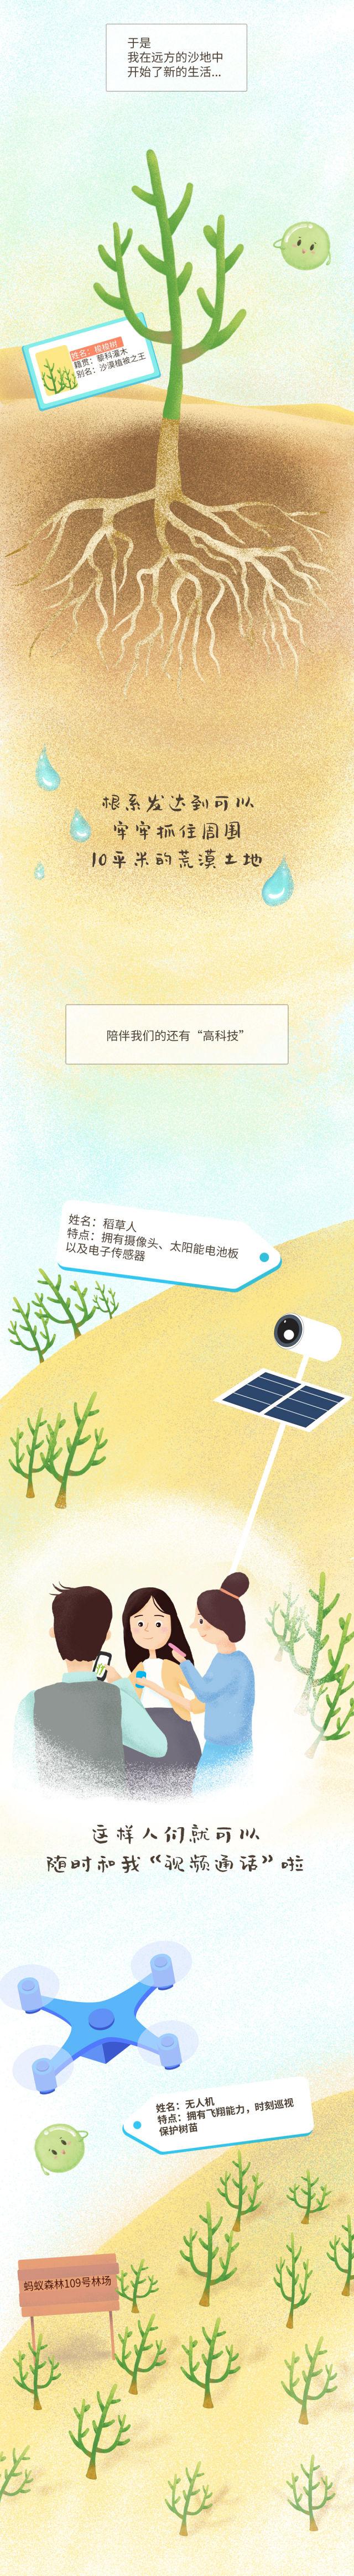 一颗能量球的奇妙旅行